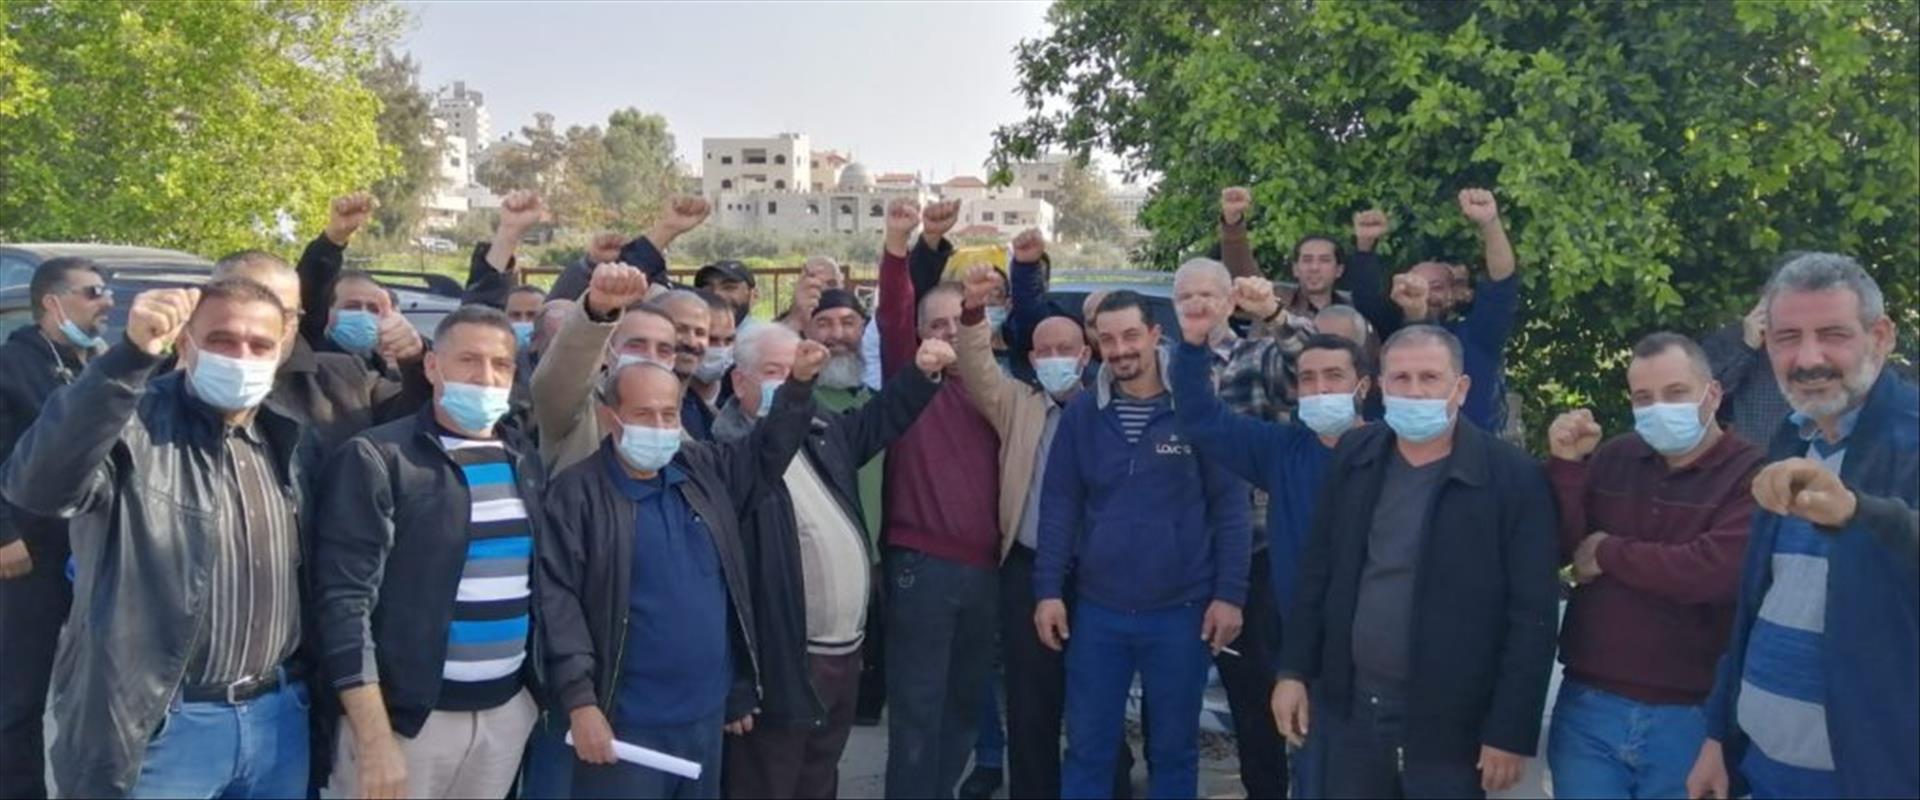 פועלים פלסטינים